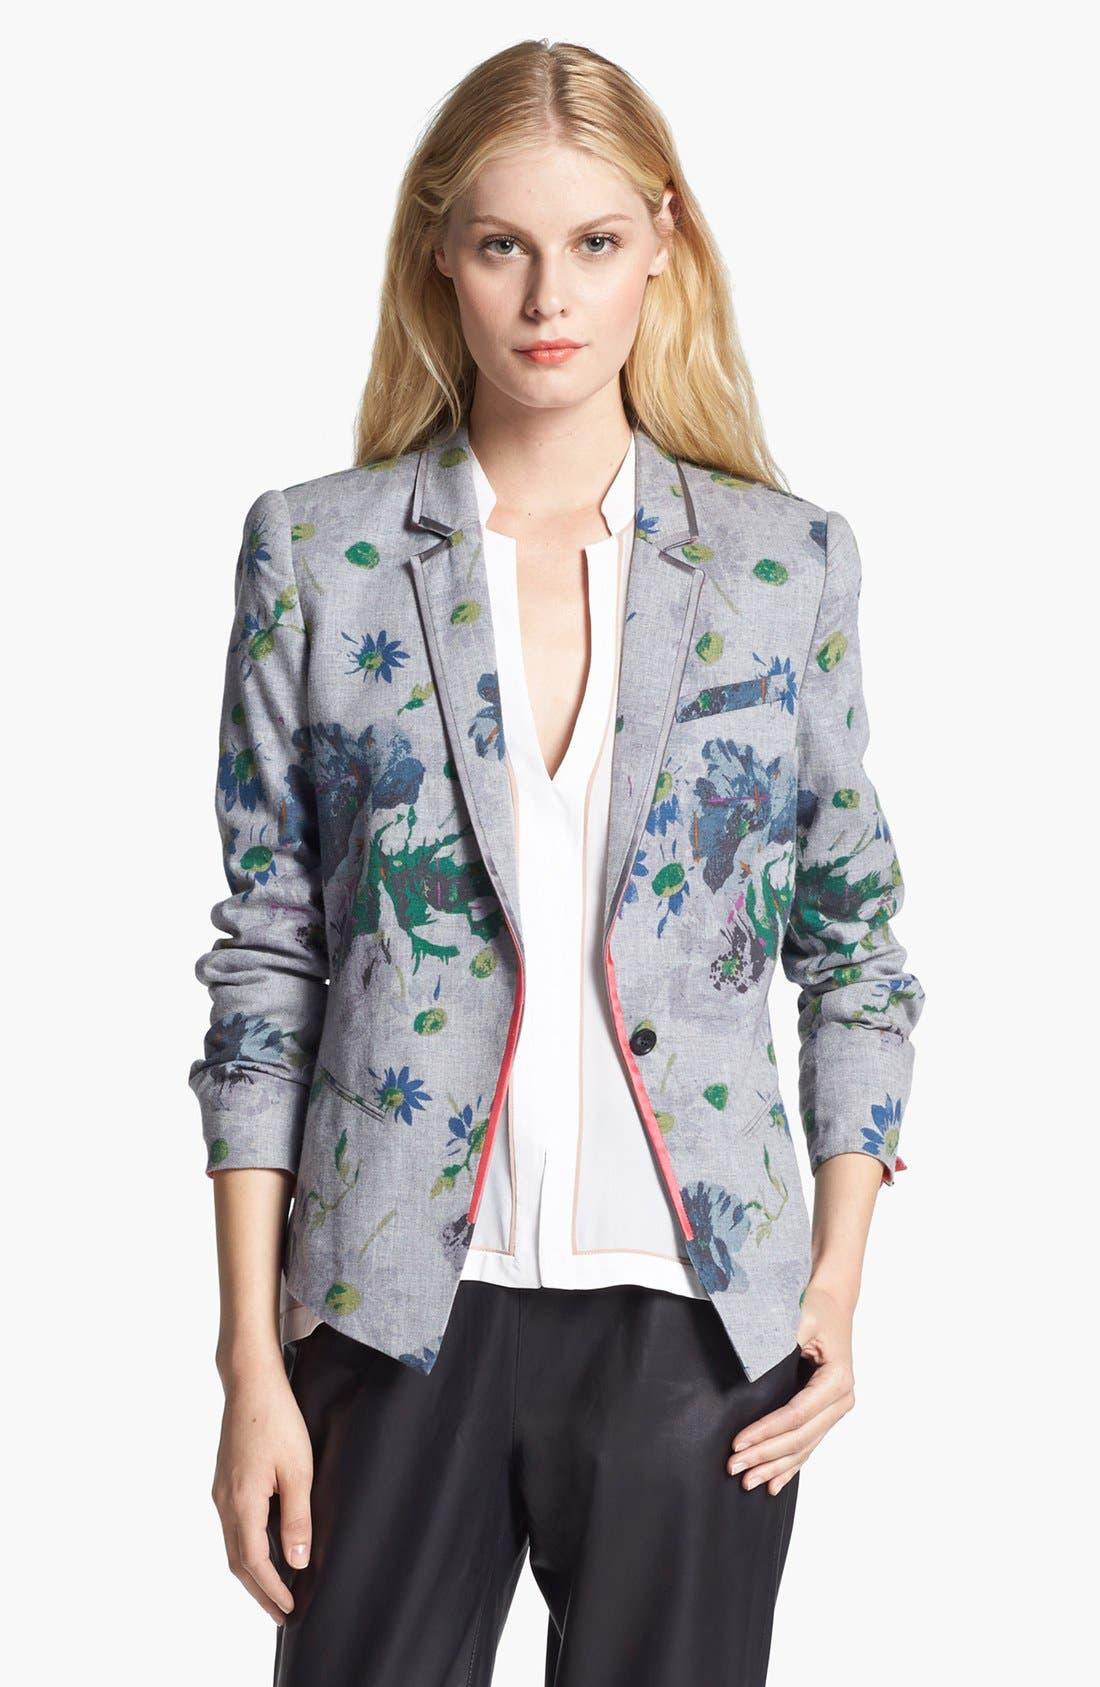 Alternate Image 1 Selected - Elizabeth and James 'Bourne' Floral Print Flannel Jacket